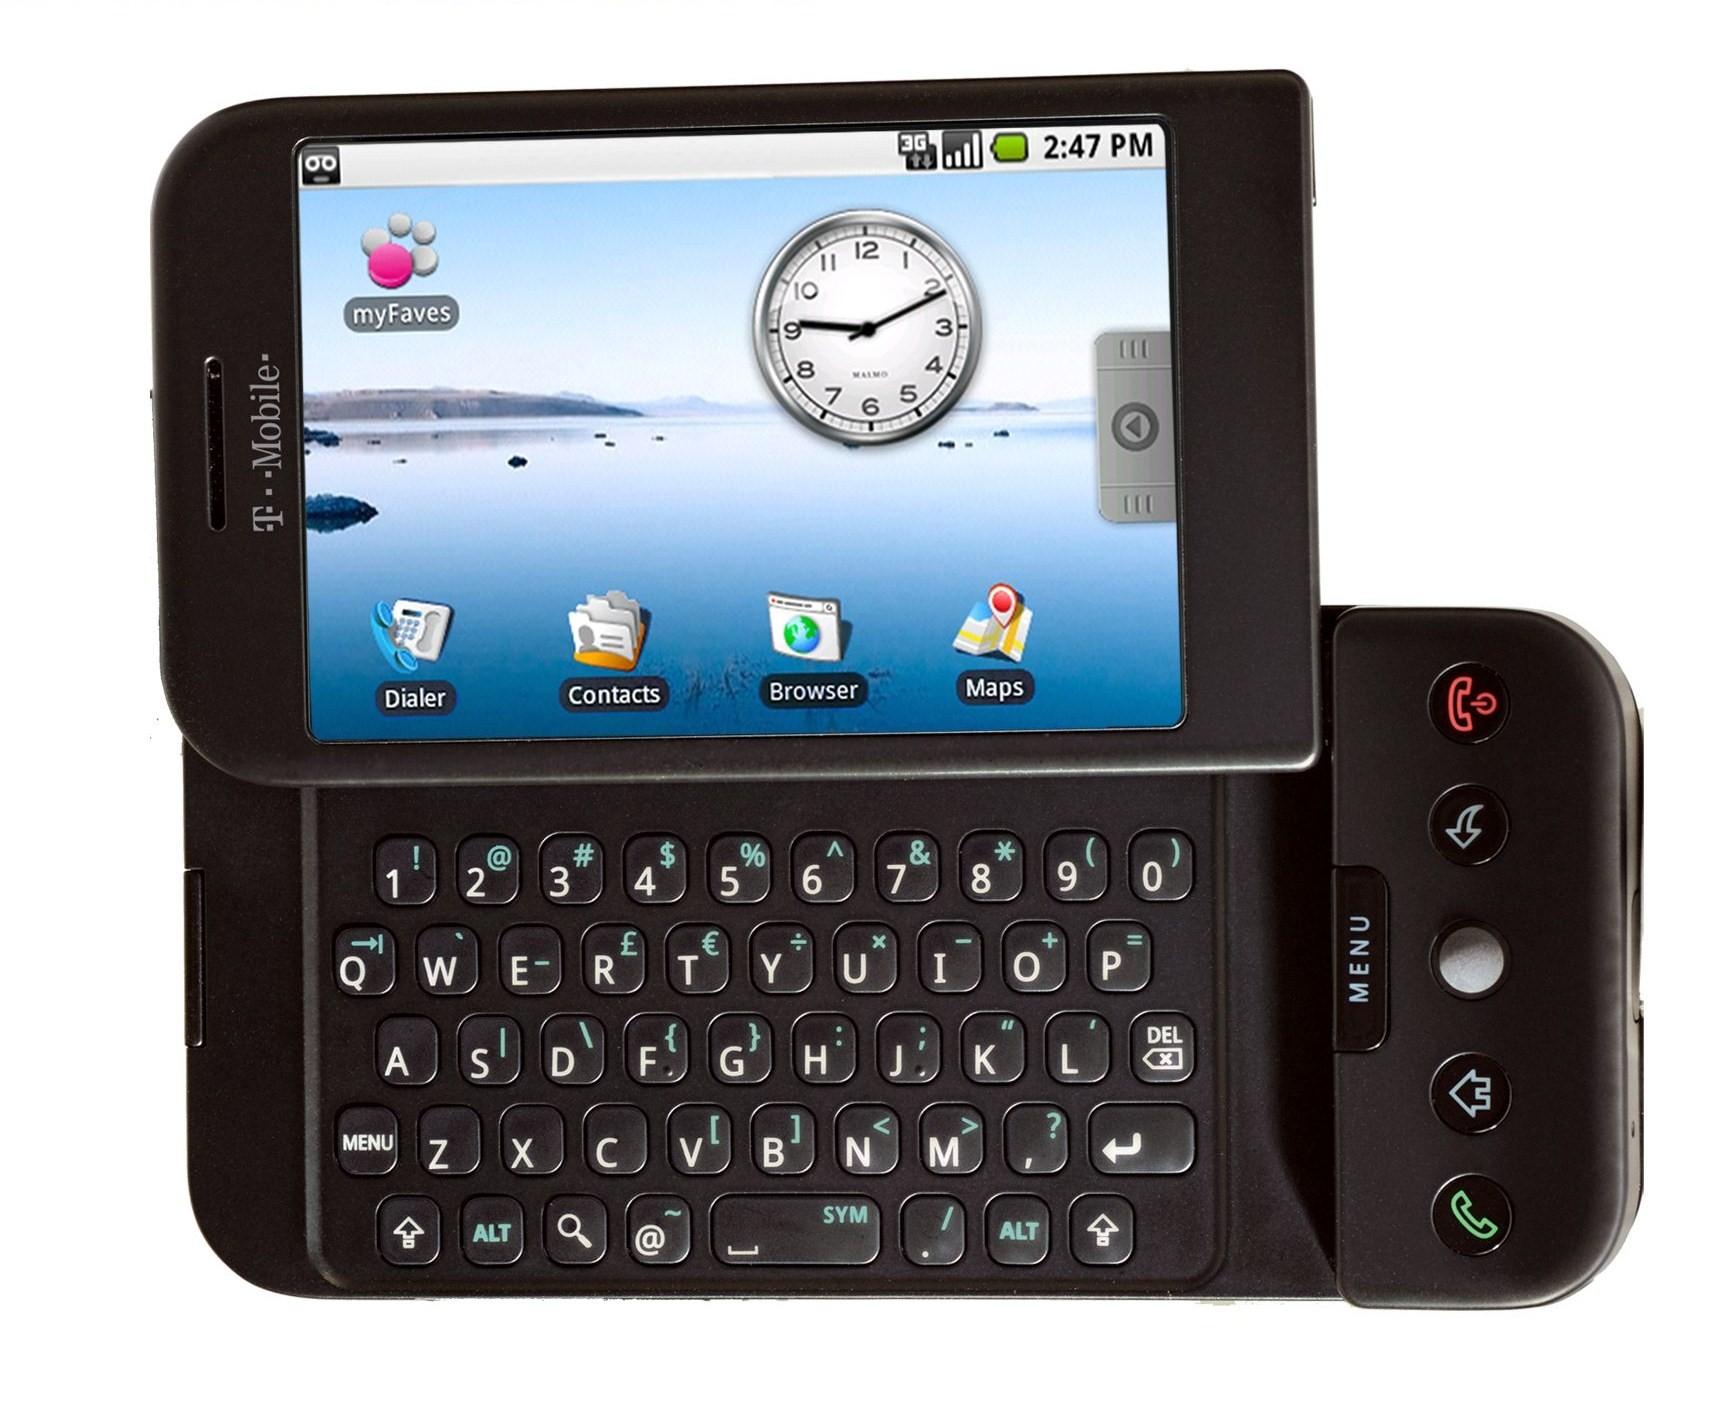 Dünyanın en popüler mobil işletim sistemi Android beş yaşında